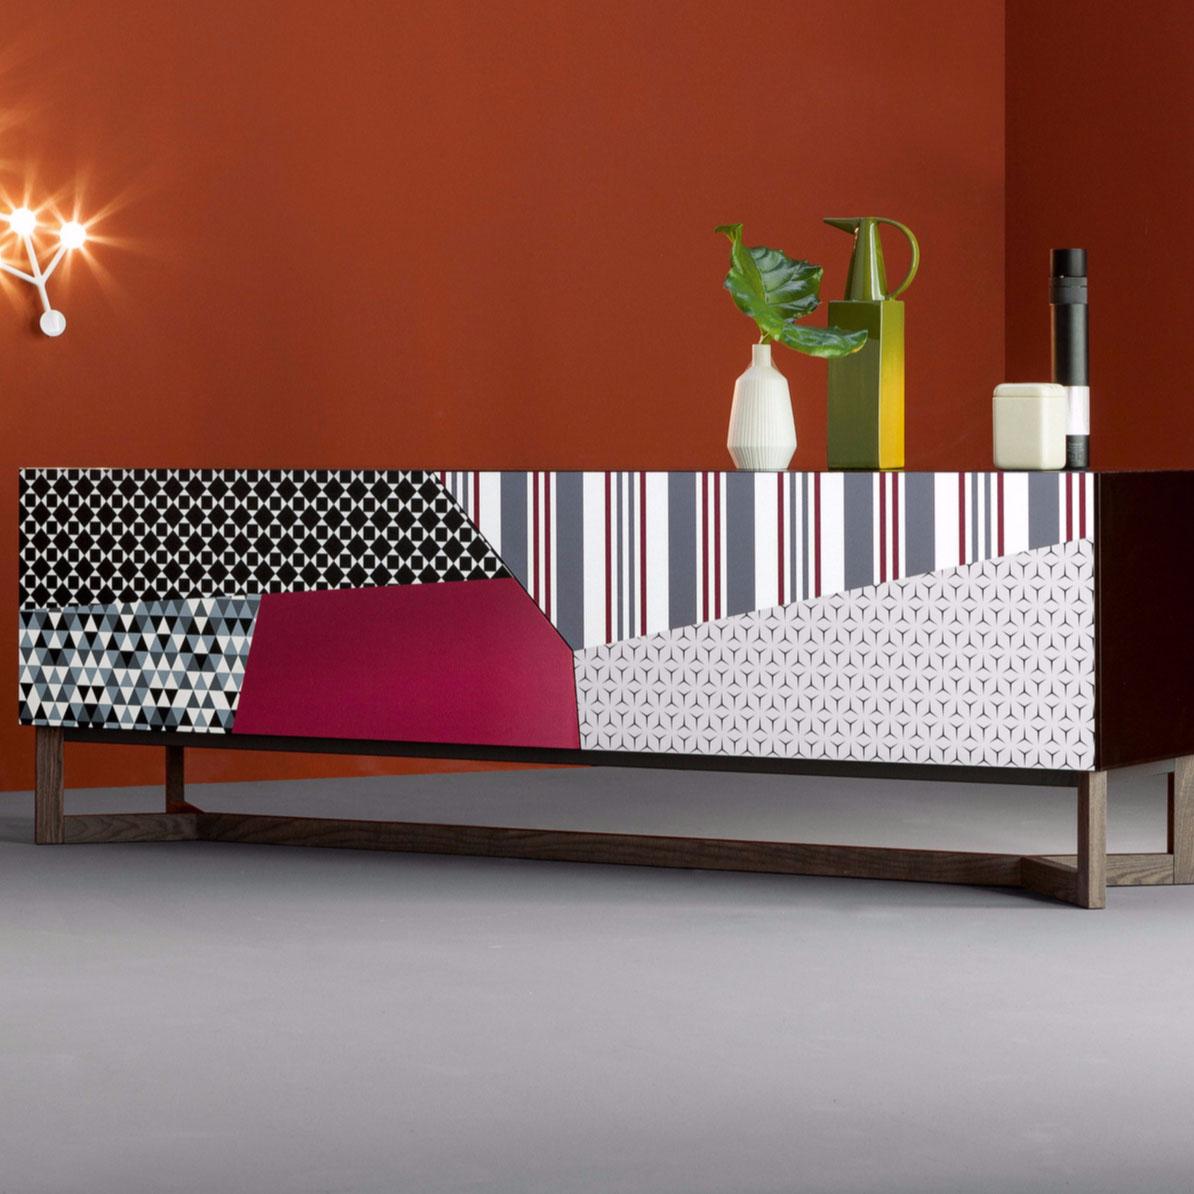 Madia Doppler Sideboard di Bonaldo design Giuseppe Viganò